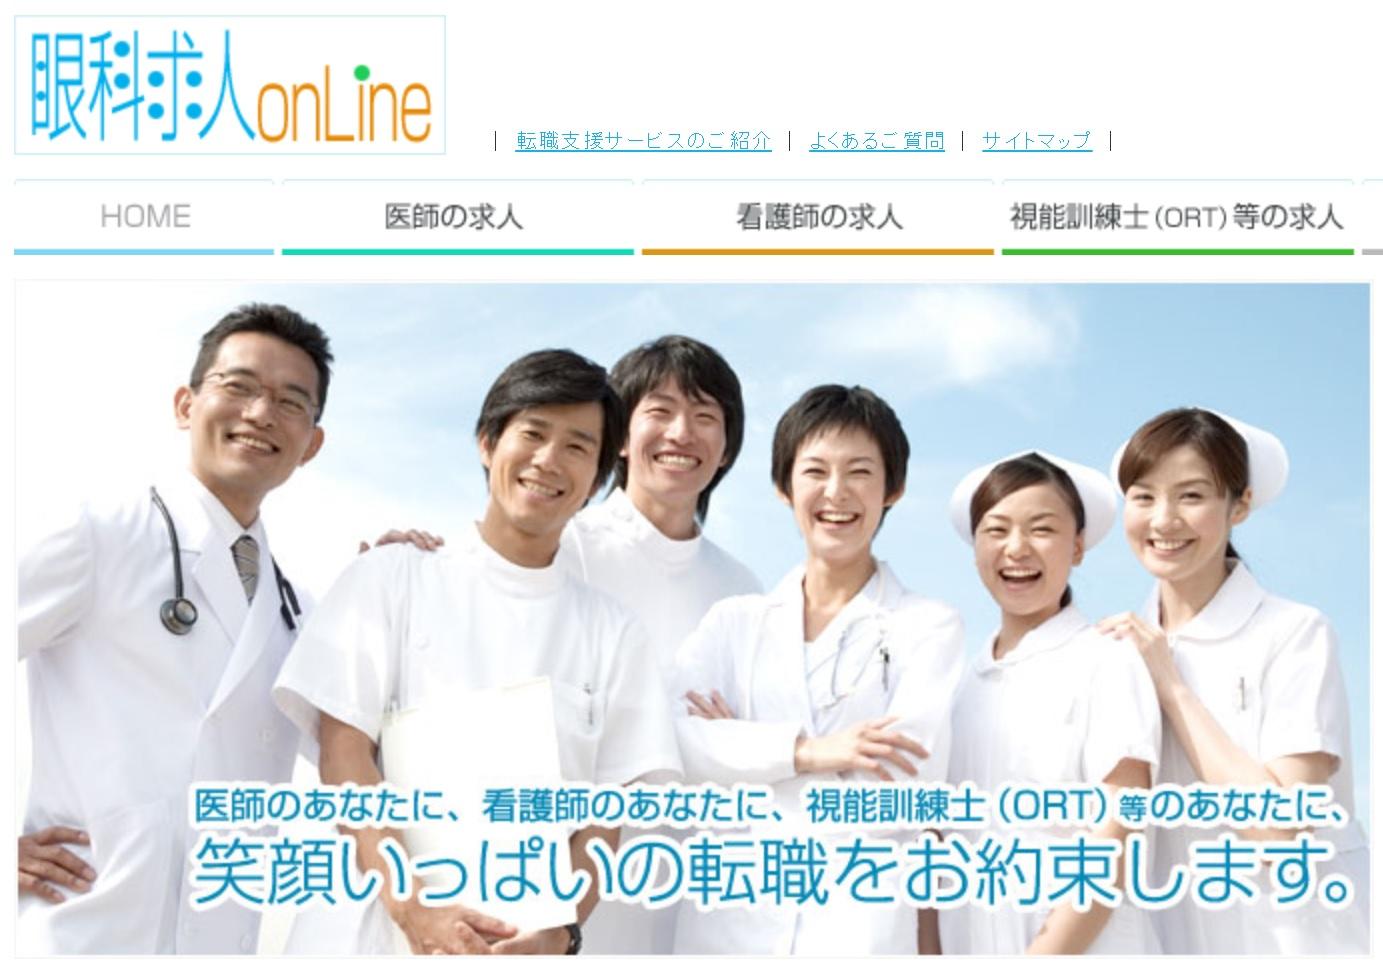 眼科求人オンラインの医師転職と求人